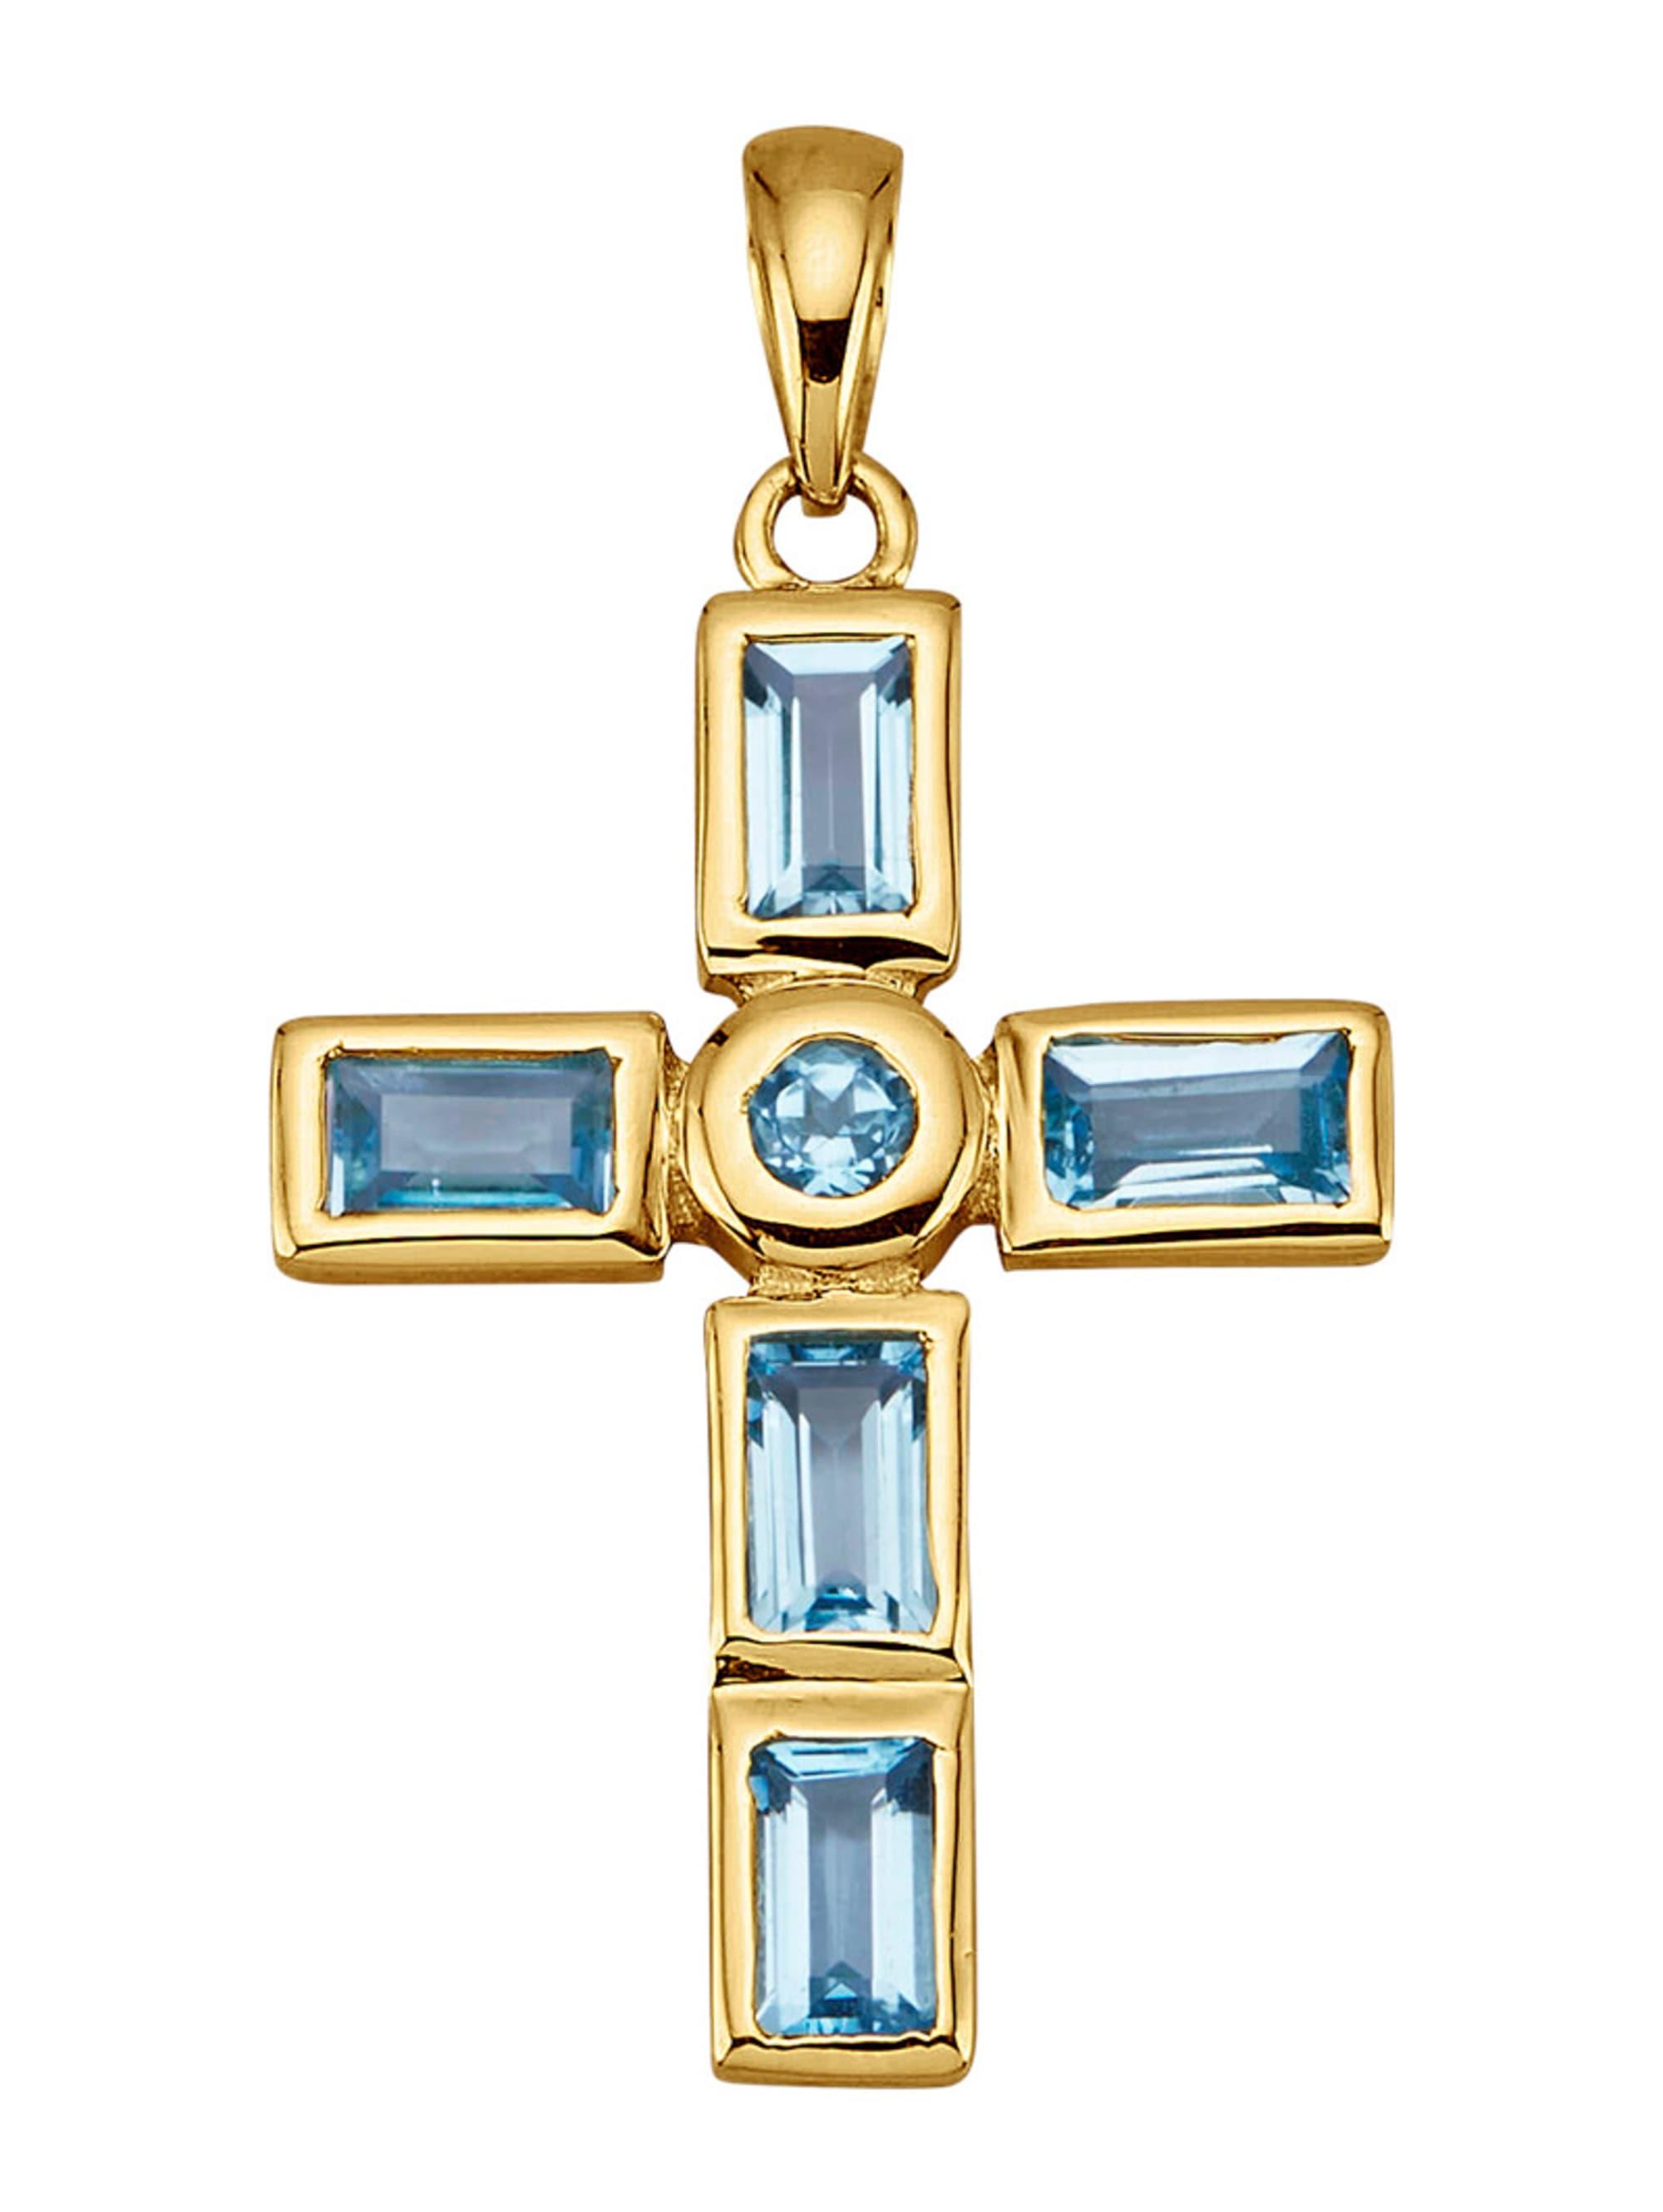 Diemer Farbstein Kreuz-Anhänger in Gelbgold 585 i6UXp